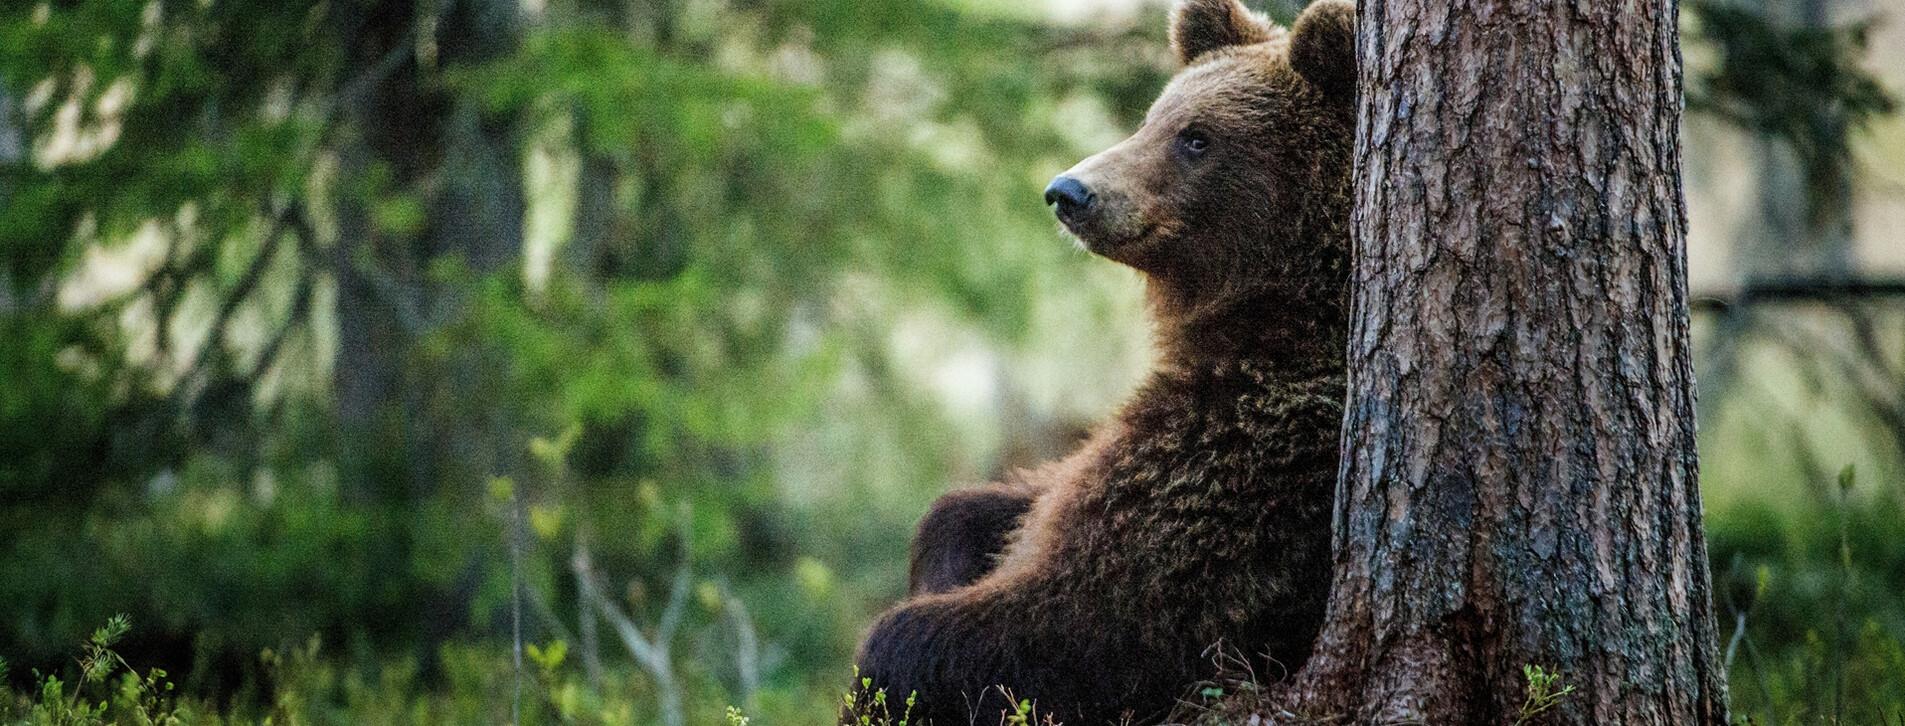 Фото 1 - Индивидуальная экскурсия в медвежий приют для двоих